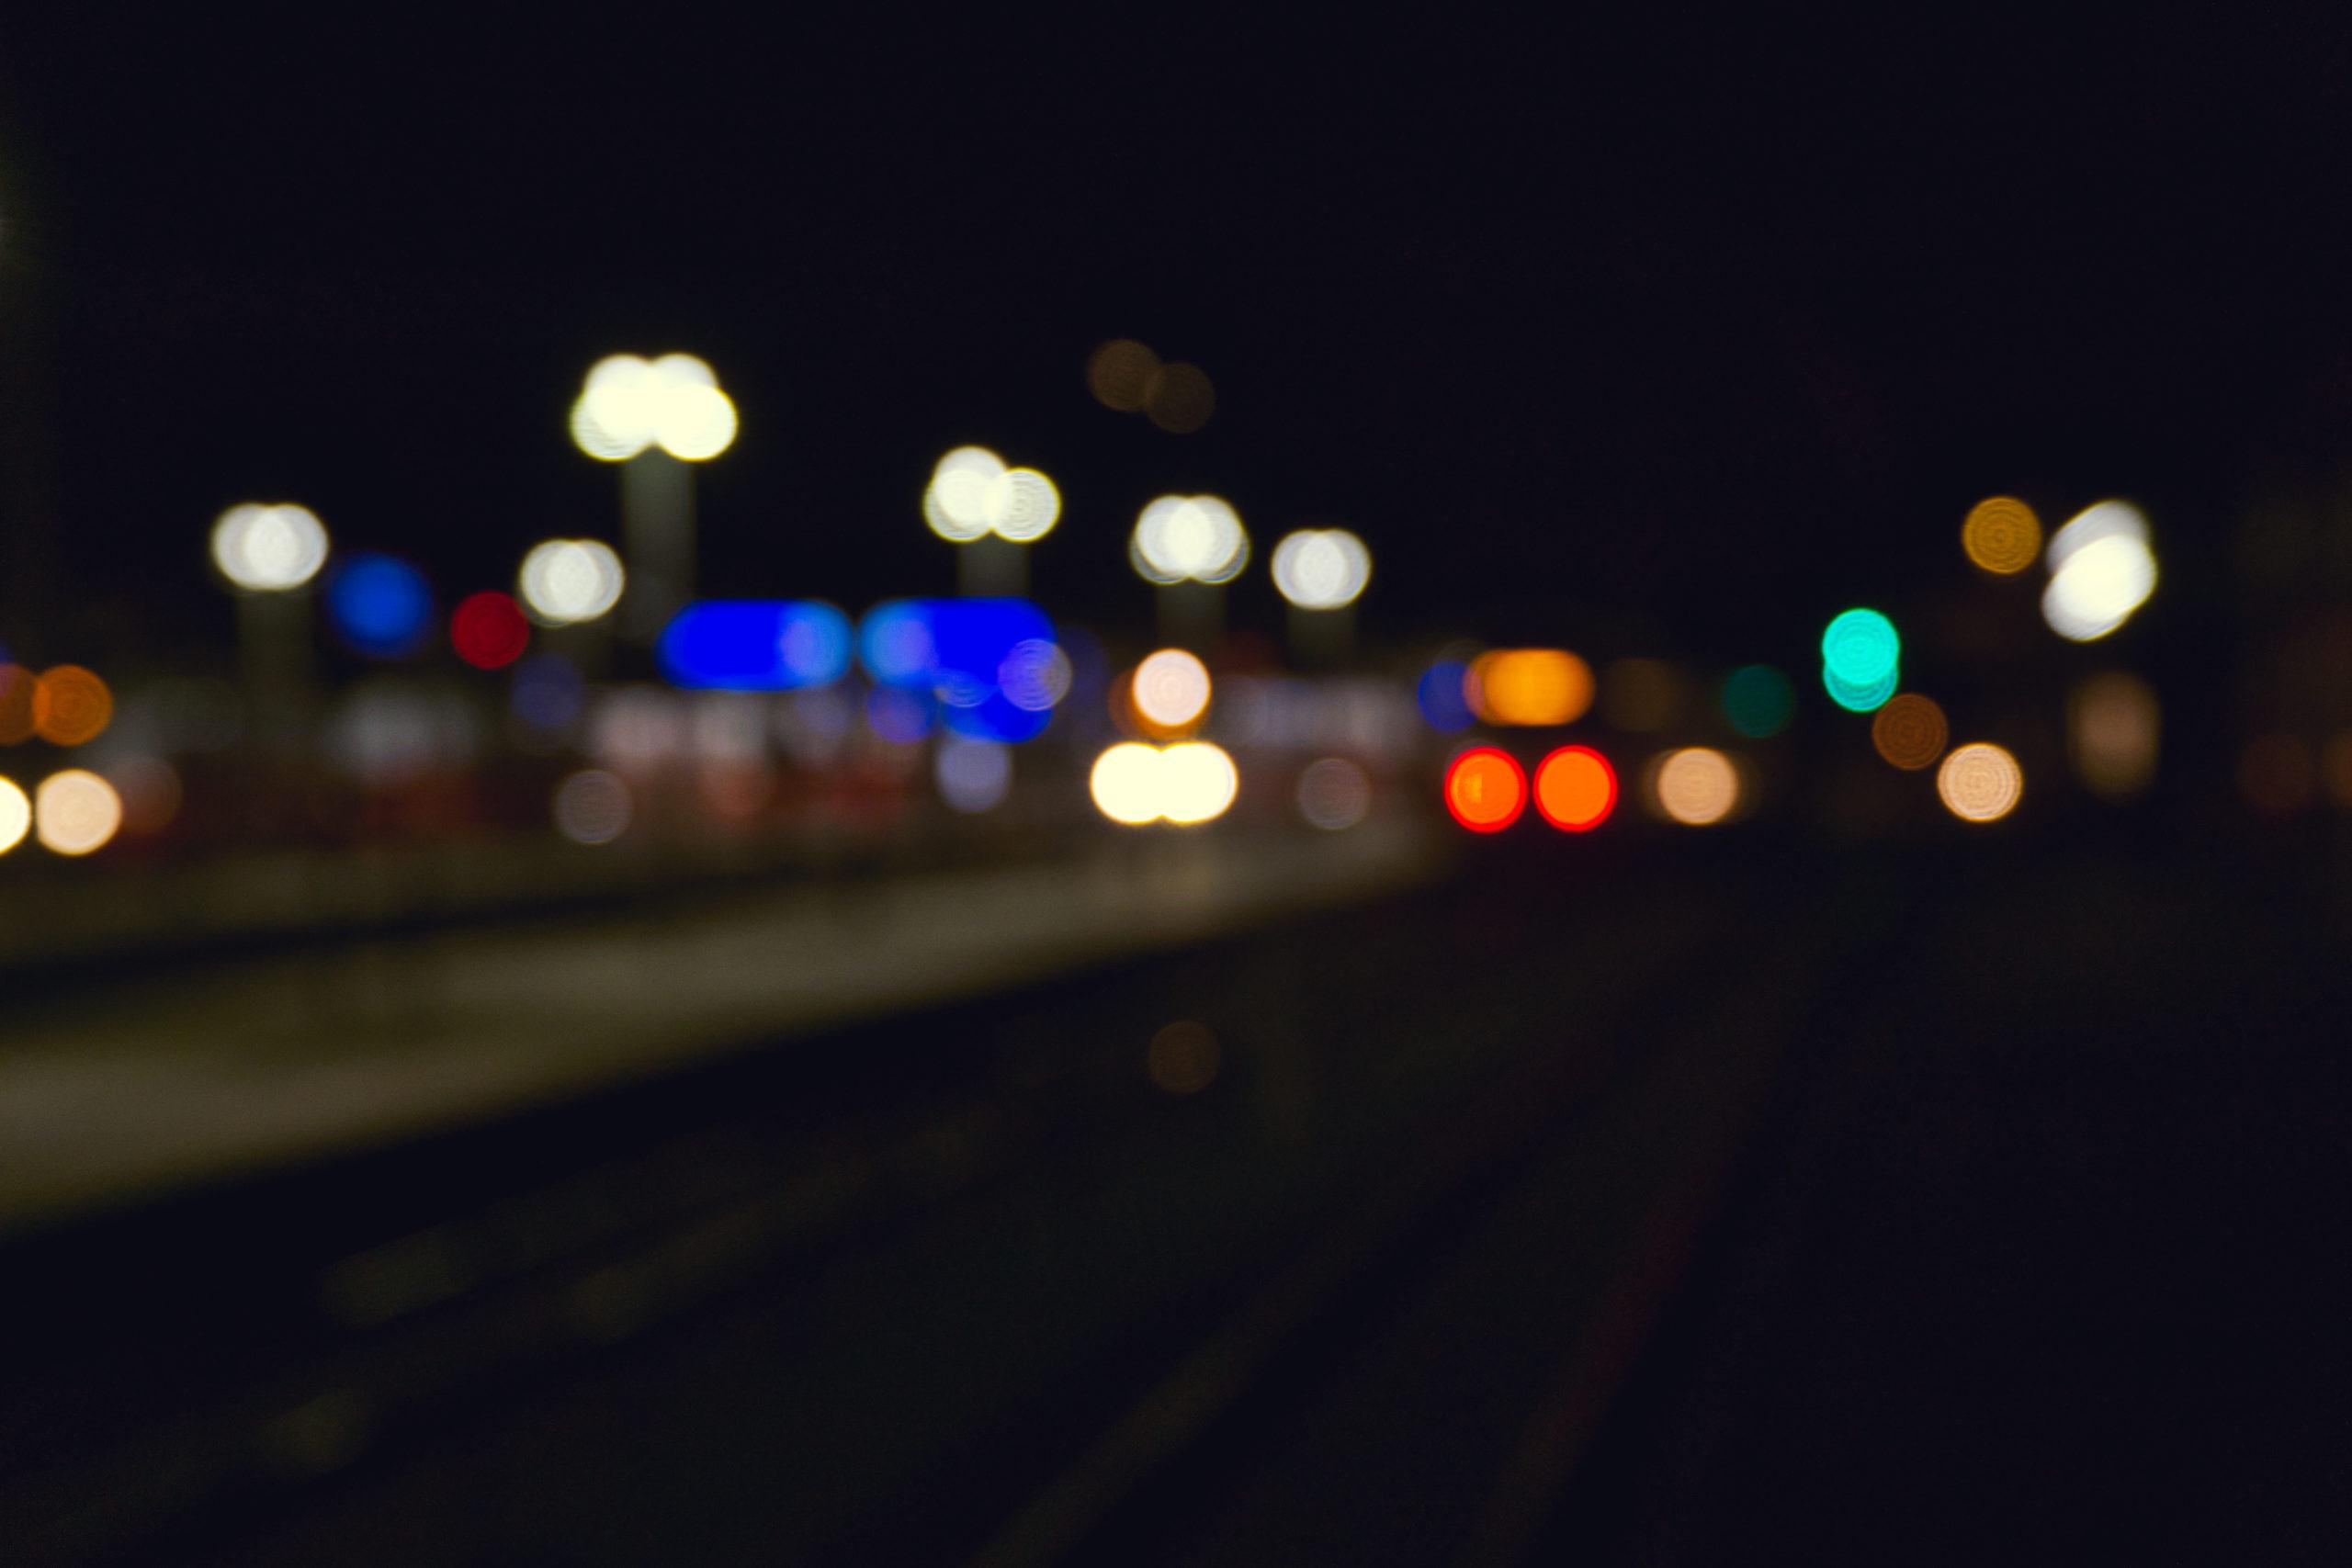 Bokeh Bild vom Bahnhof Stockerau. Im Hintergrund sind zwei Cityjetgarnituren am Bahnsteig. Das Bild wurde in Stockerau am Bahnhof aufgenommen. Urheber: Michael Mike Meier aus Stockerau.